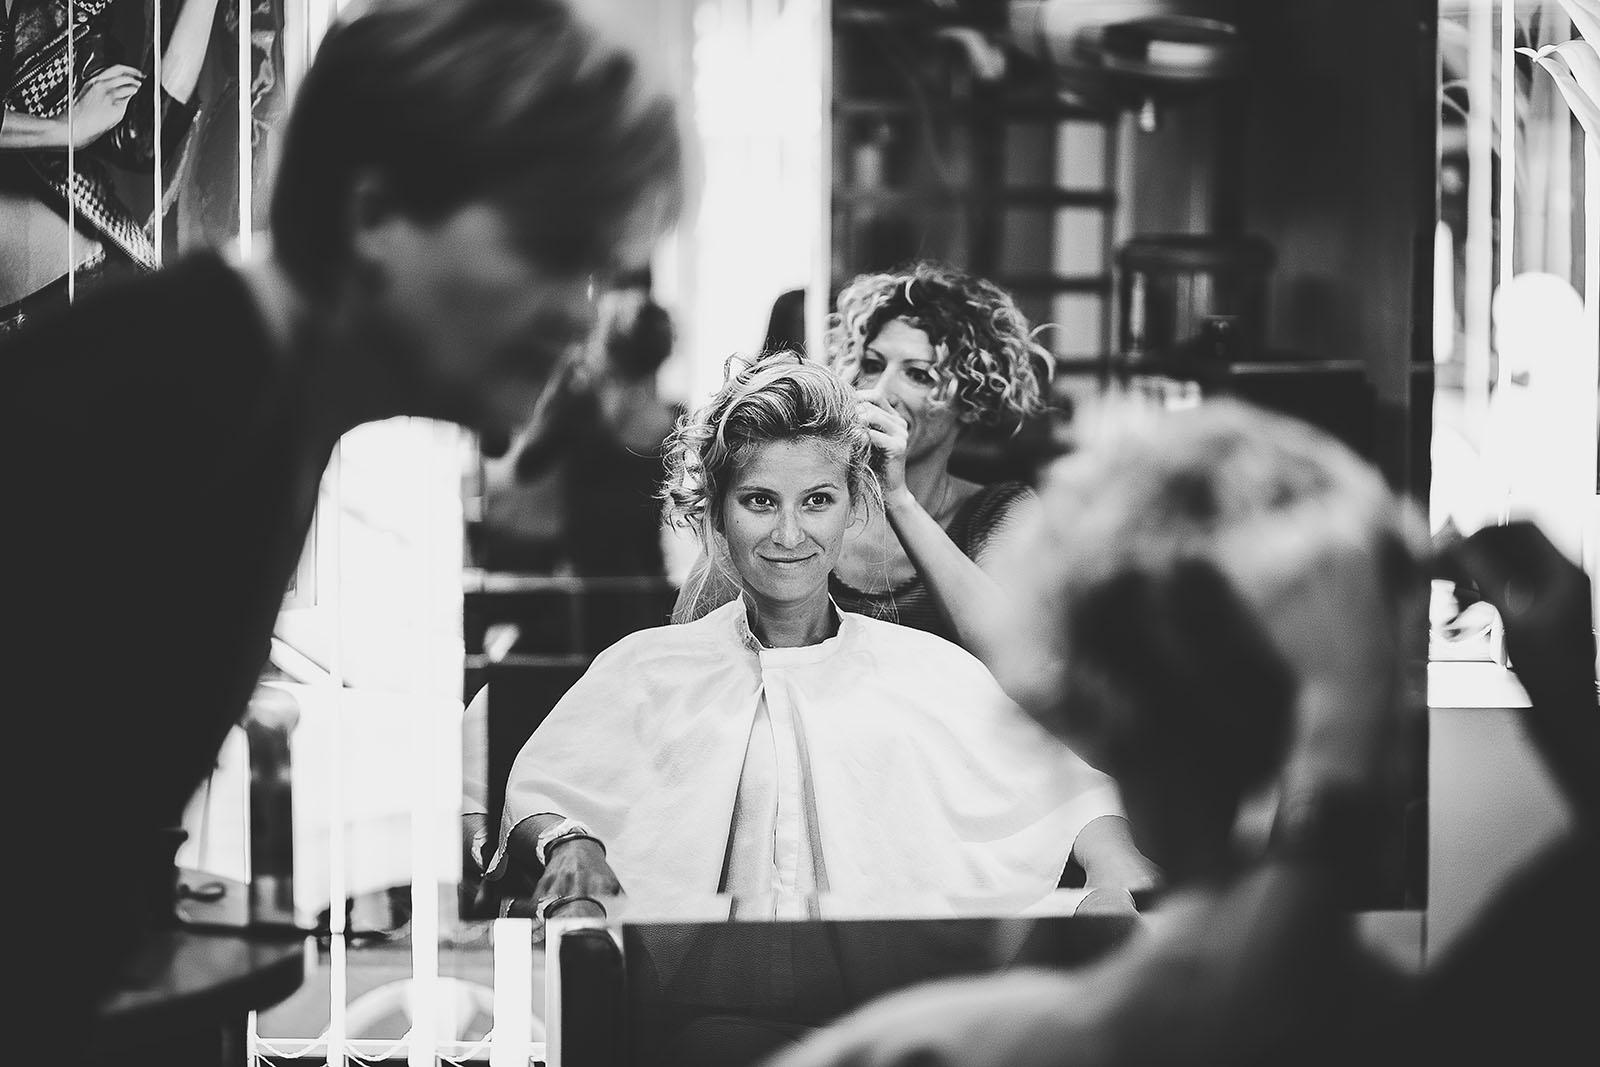 Mariage à Lyon. David Pommier photographe de mariage. La mariée se fait coiffer